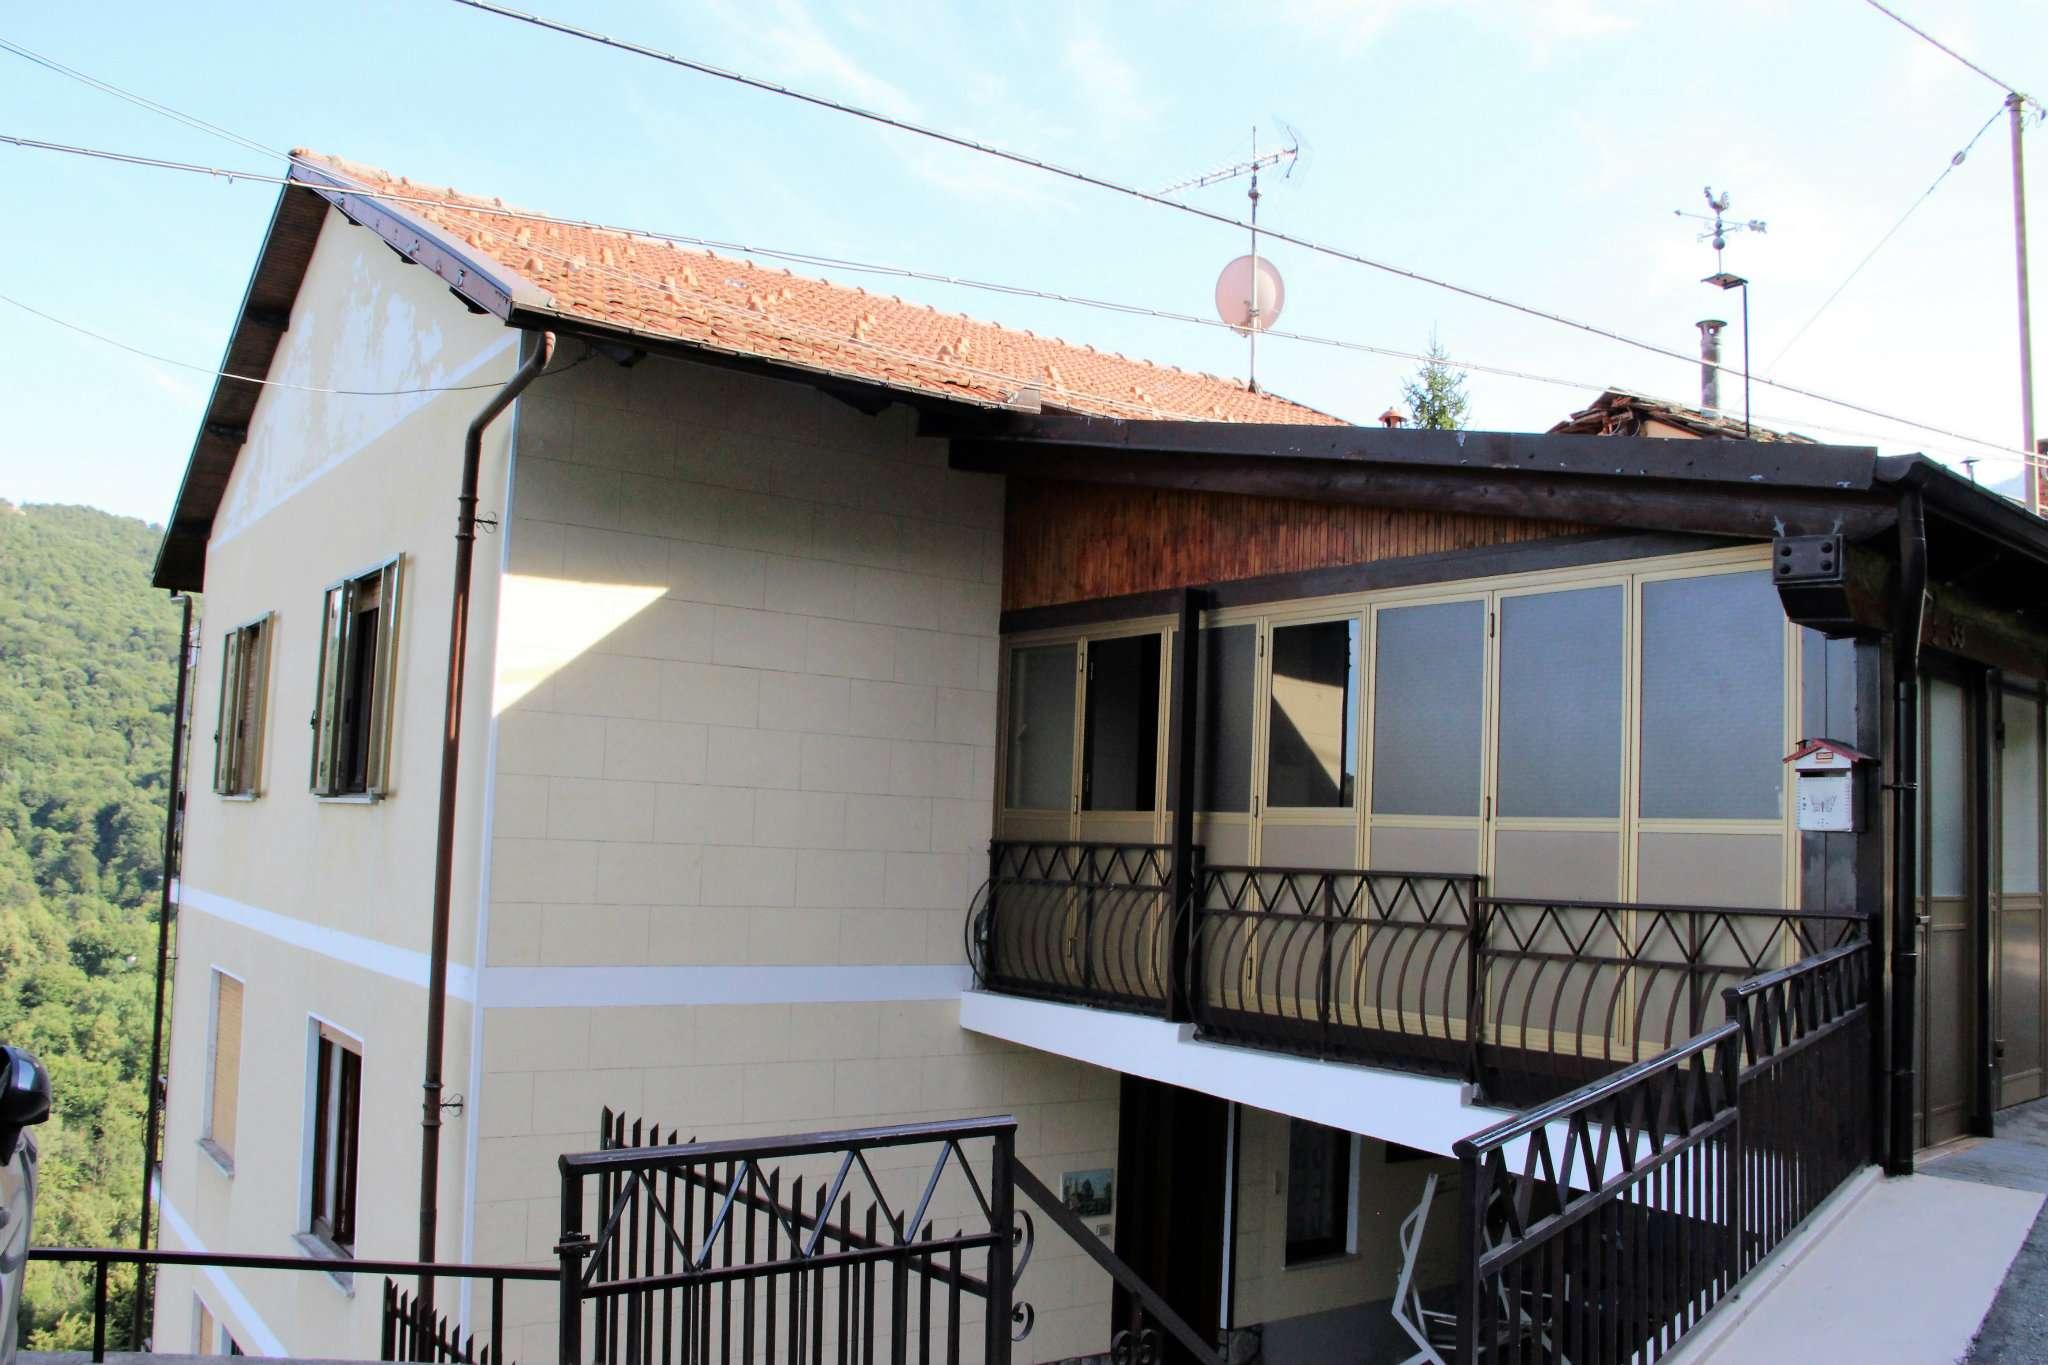 Foto 1 di Casa indipendente borgata ROCCETTE 23, Giaveno